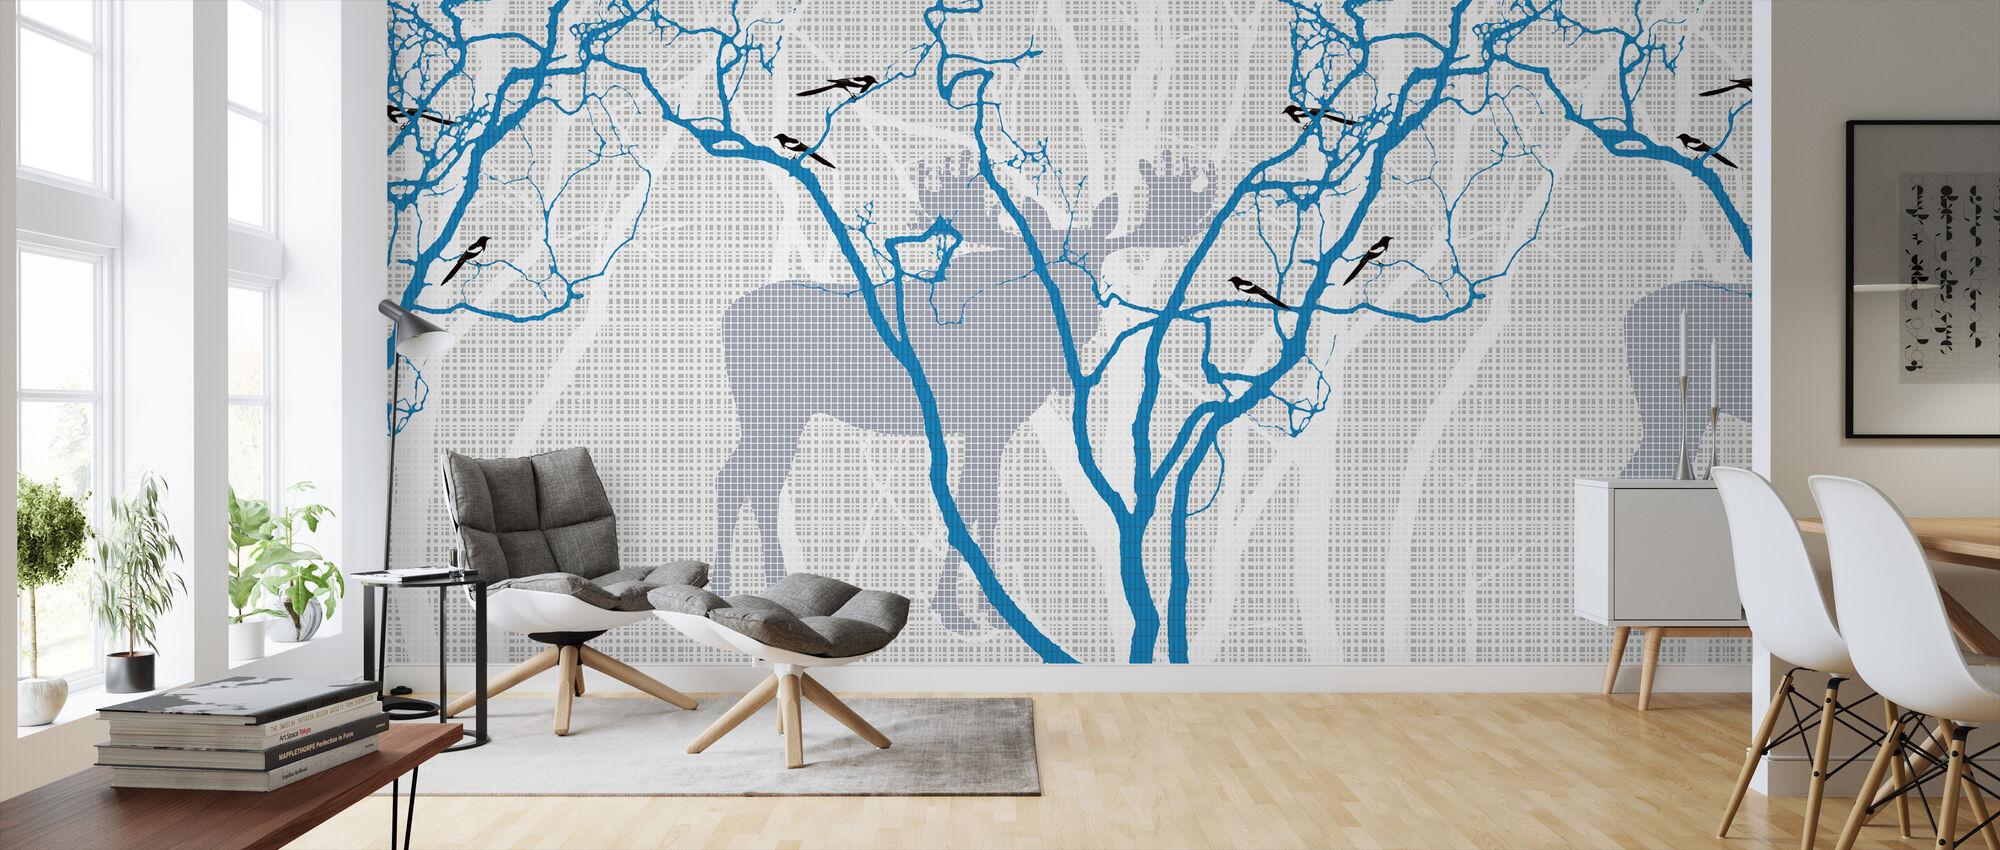 Rhubarb - Indigo Blue - Wallpaper - Living Room